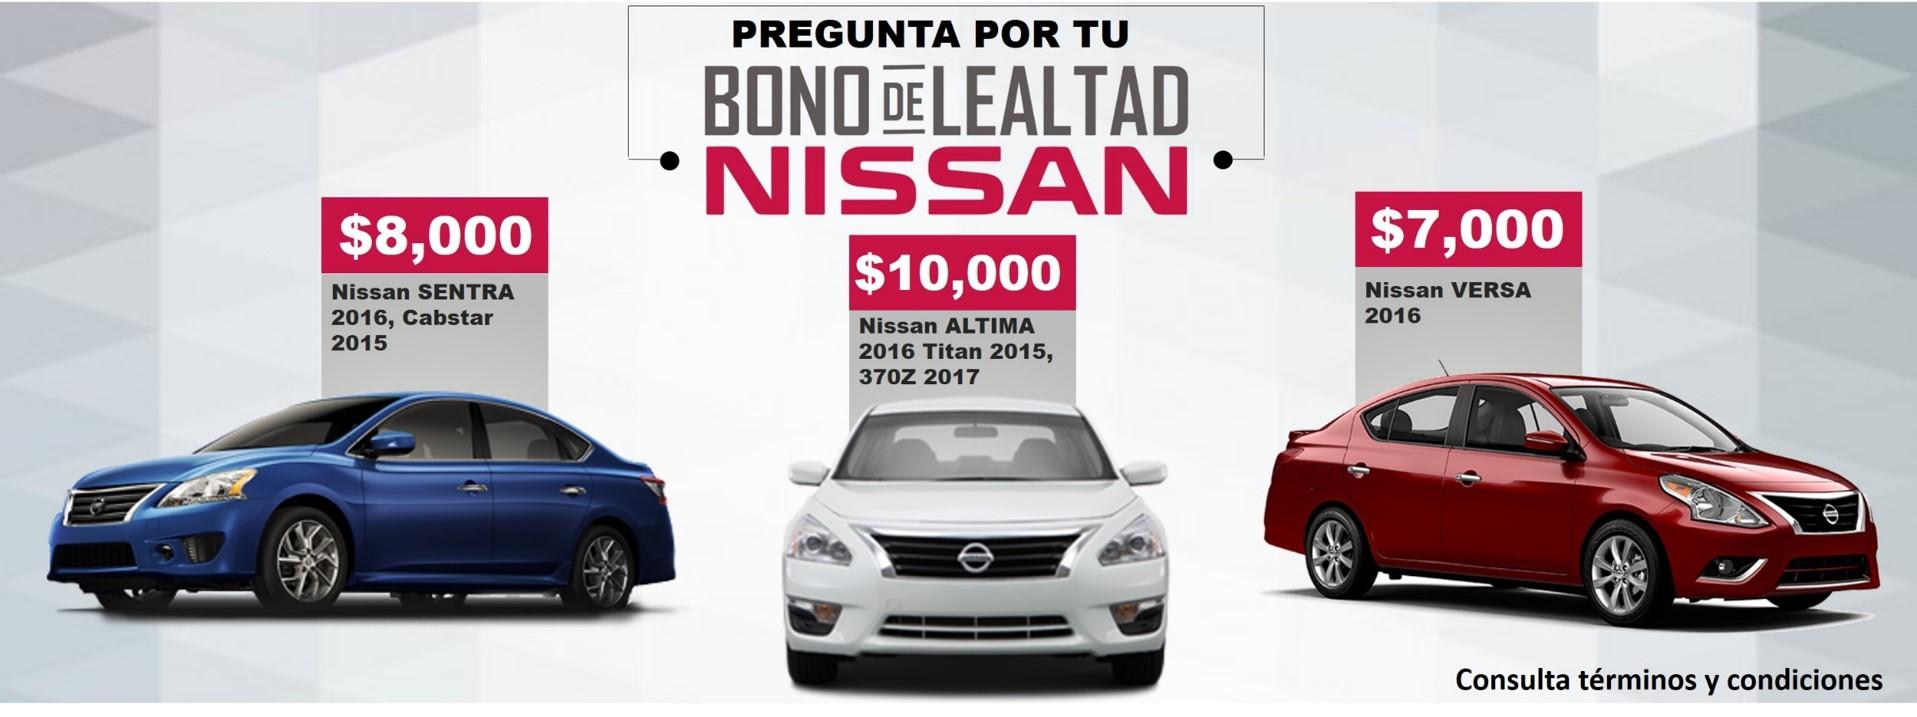 Nissan bono de lealtad Toluca, Metepec Zinacantepec San Mateo Valle de bravo